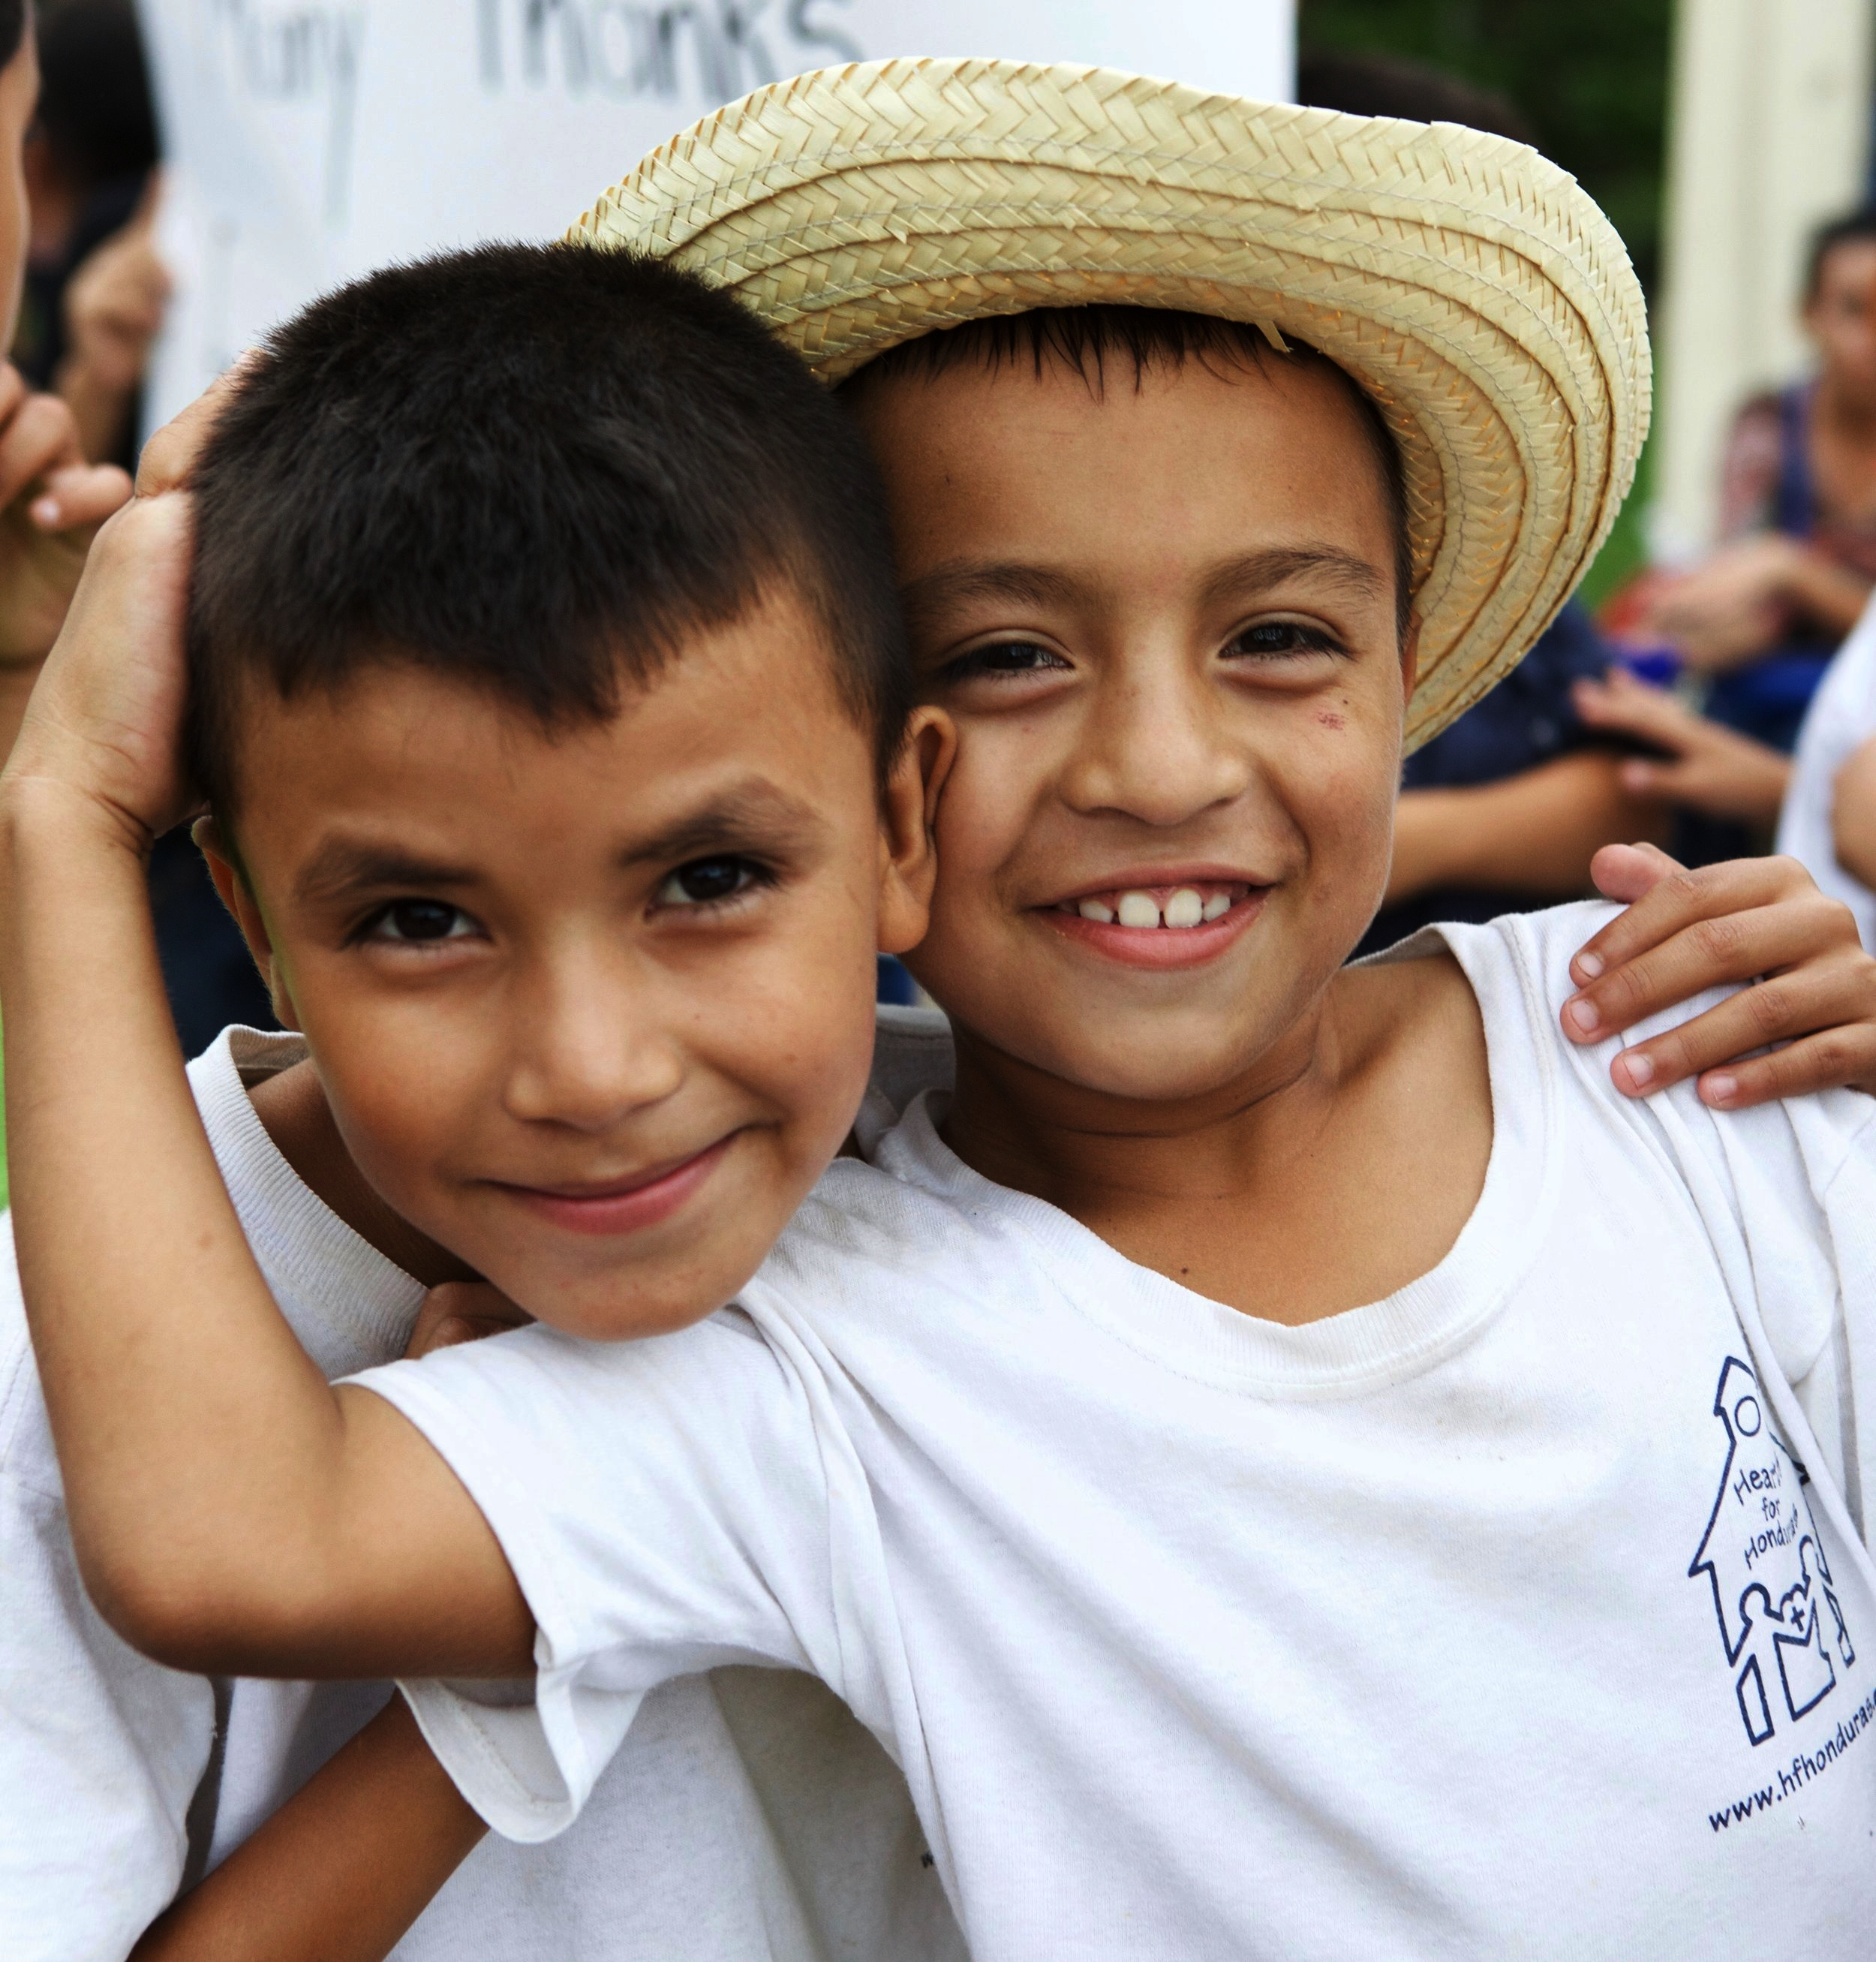 CorazonesPara Honduras - Beneficiar a niños y niñas de escasos recursos económicos; brindándoles una educación integral fundamentada en los principios de la palabra de Dios; preparándolo para una educación superior.